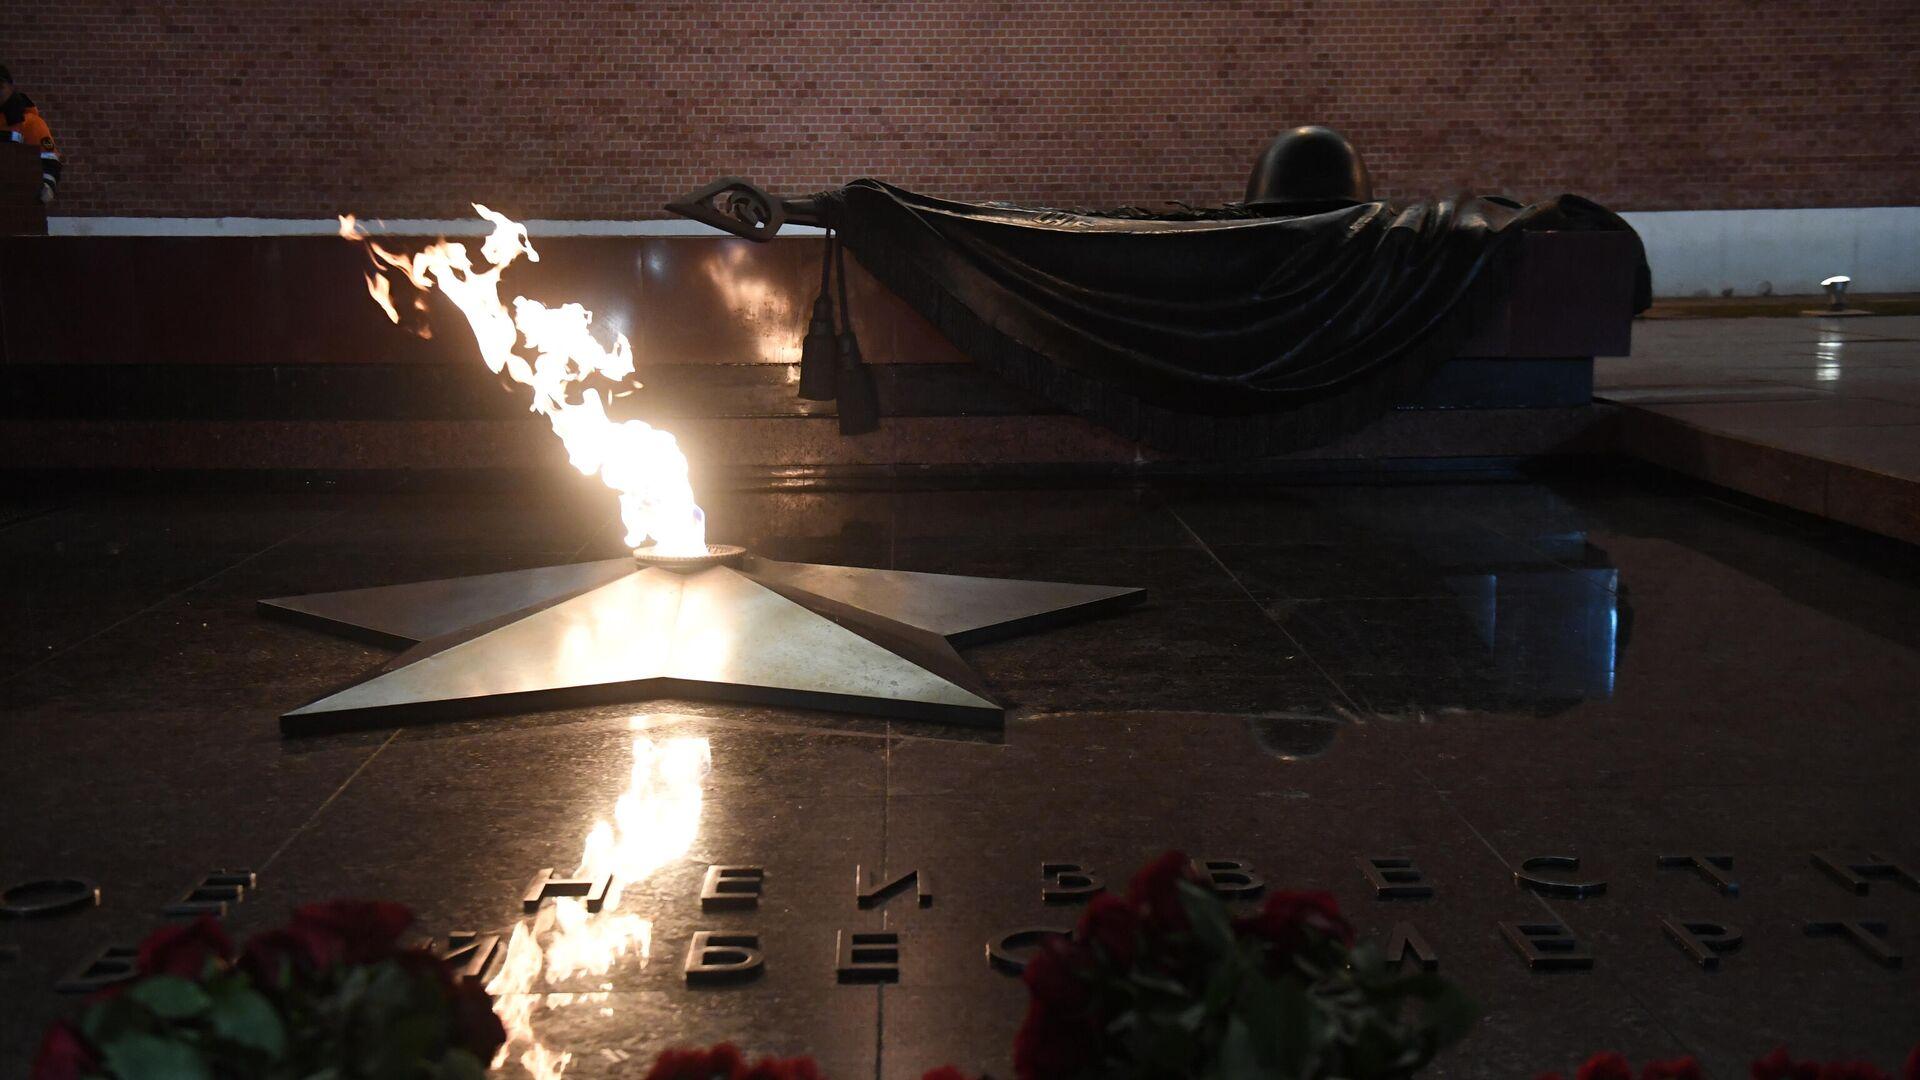 Профилактическая проверка Вечного огня в Александровском саду - РИА Новости, 1920, 06.05.2021